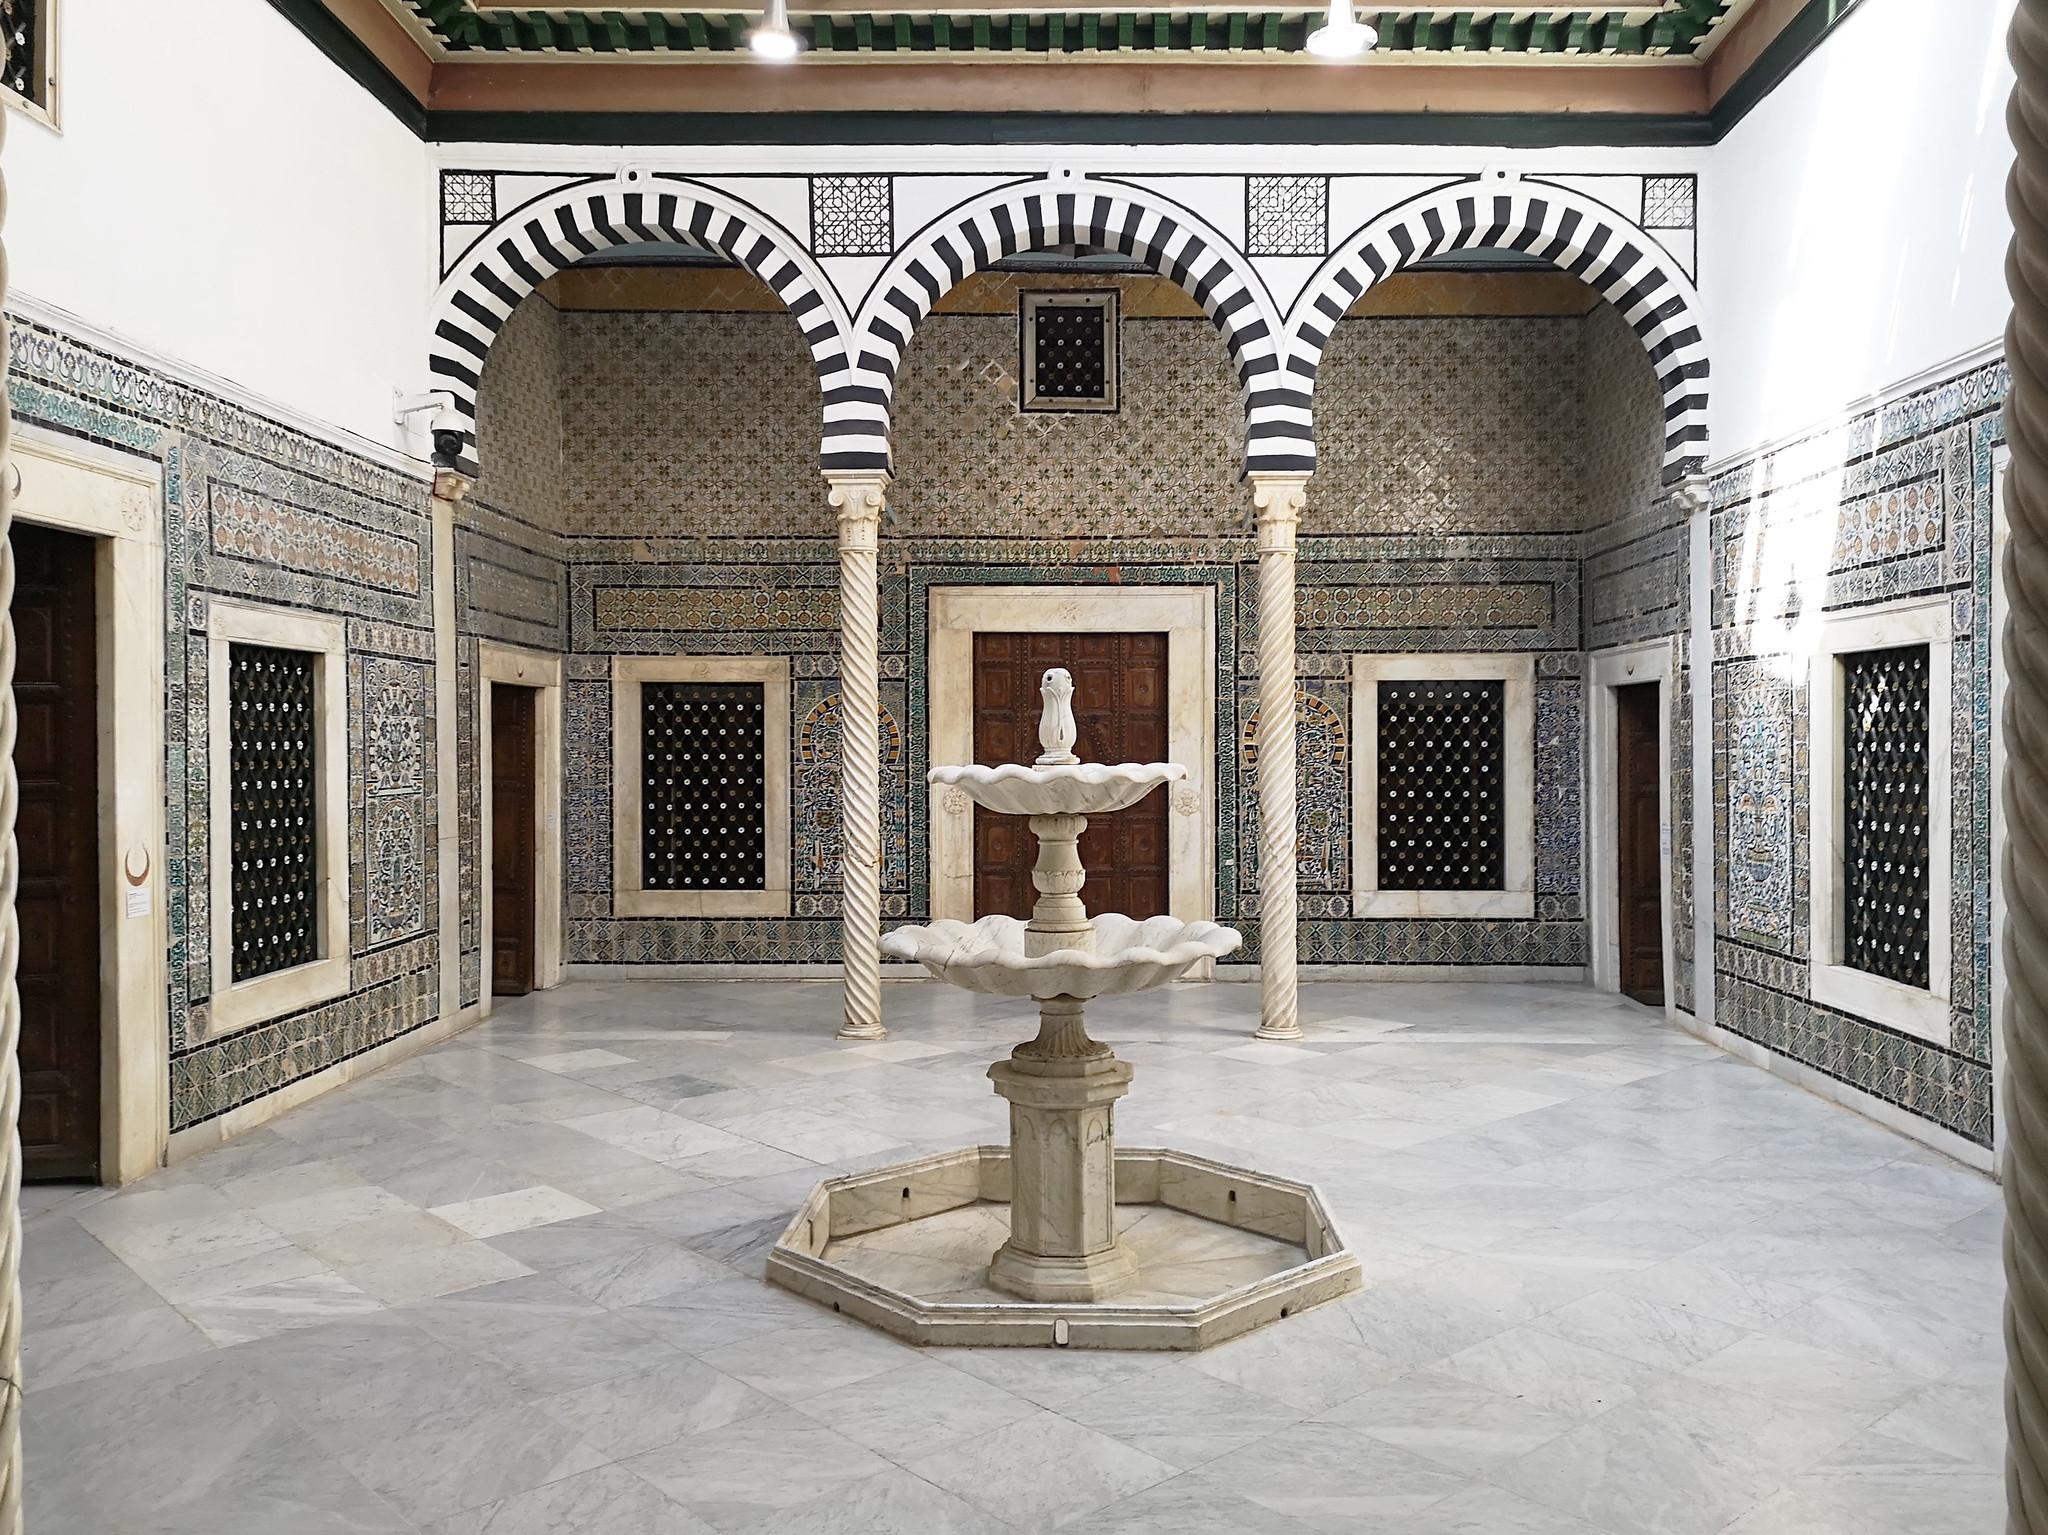 Patio interior fuente tres arcos y paredes de azulejo Museo Nacional del Bardo Tunez